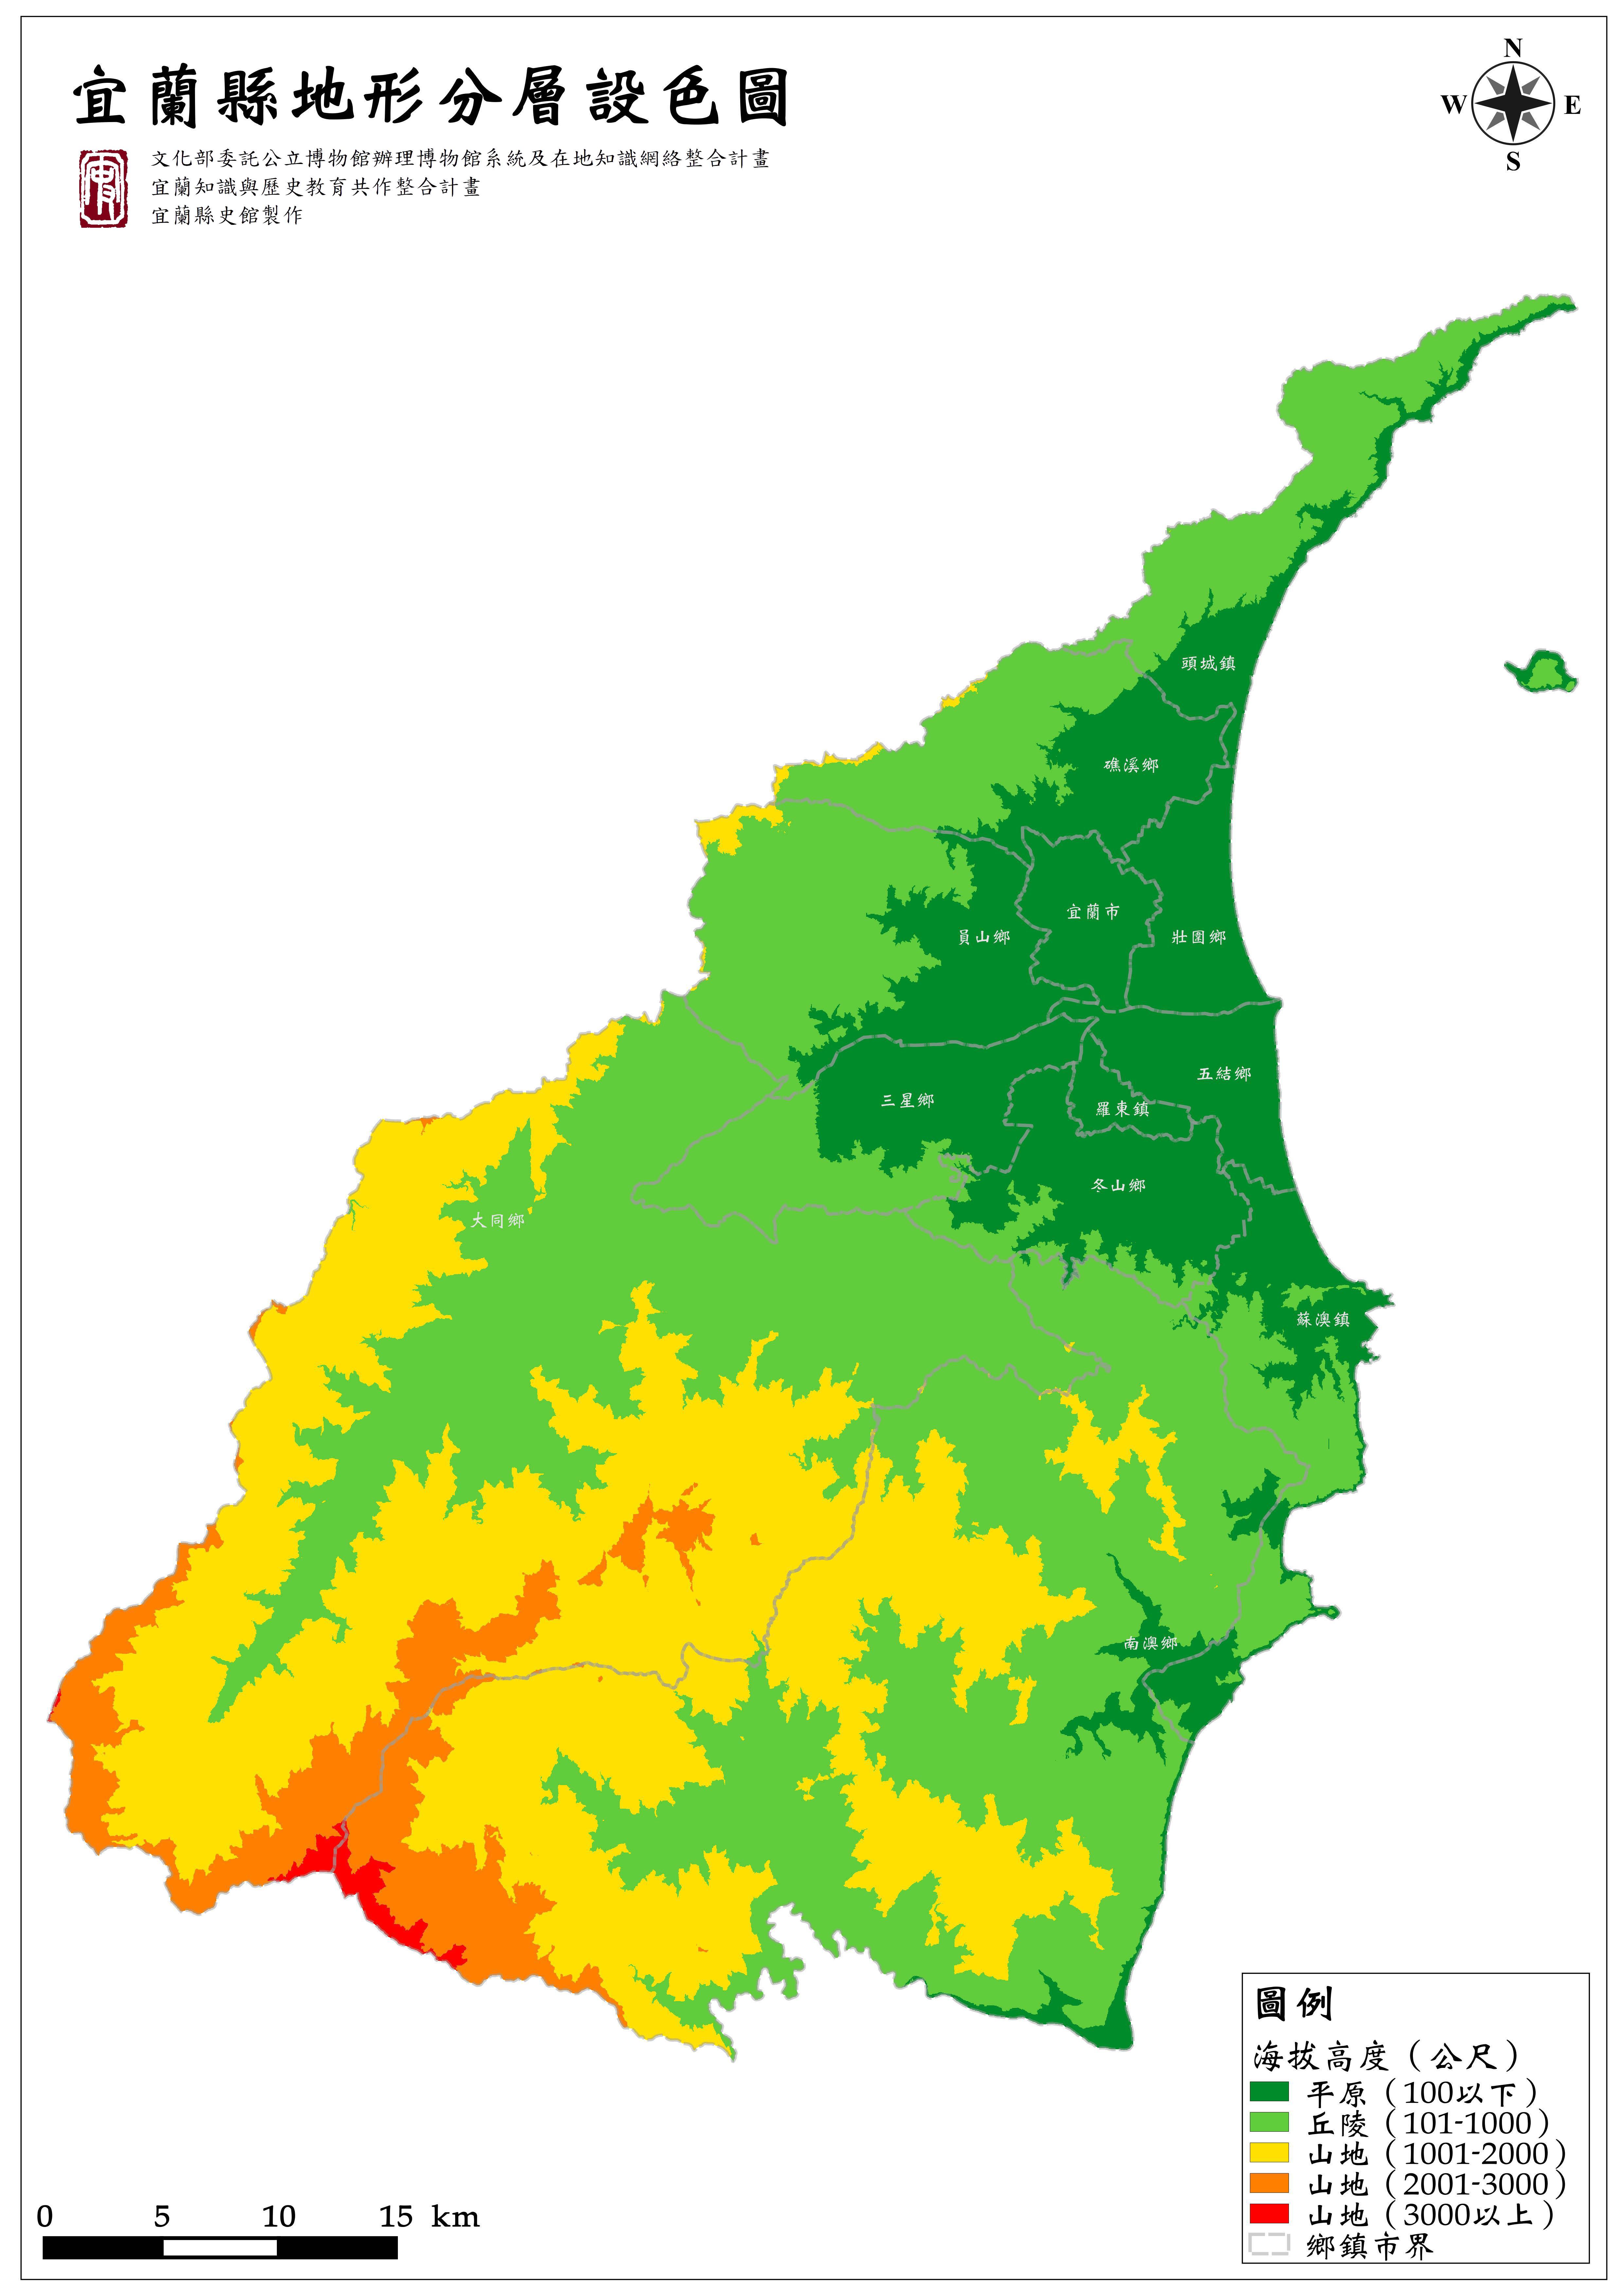 宜蘭縣地形分層設色圖(含鄉鎮界線及名稱)